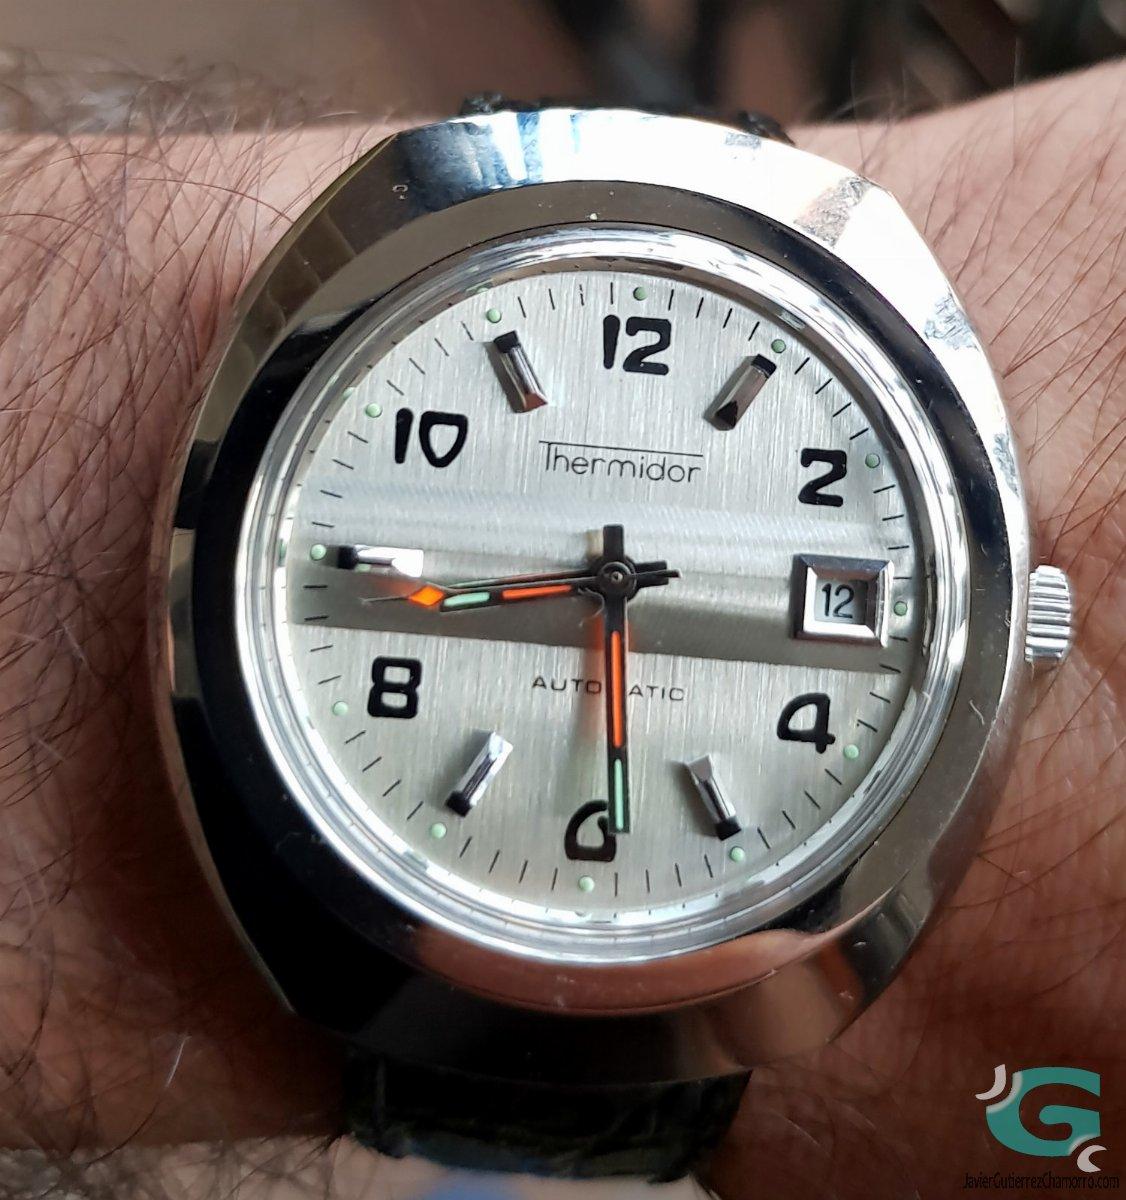 1aa3fe9356b5 Thermidor Vintage